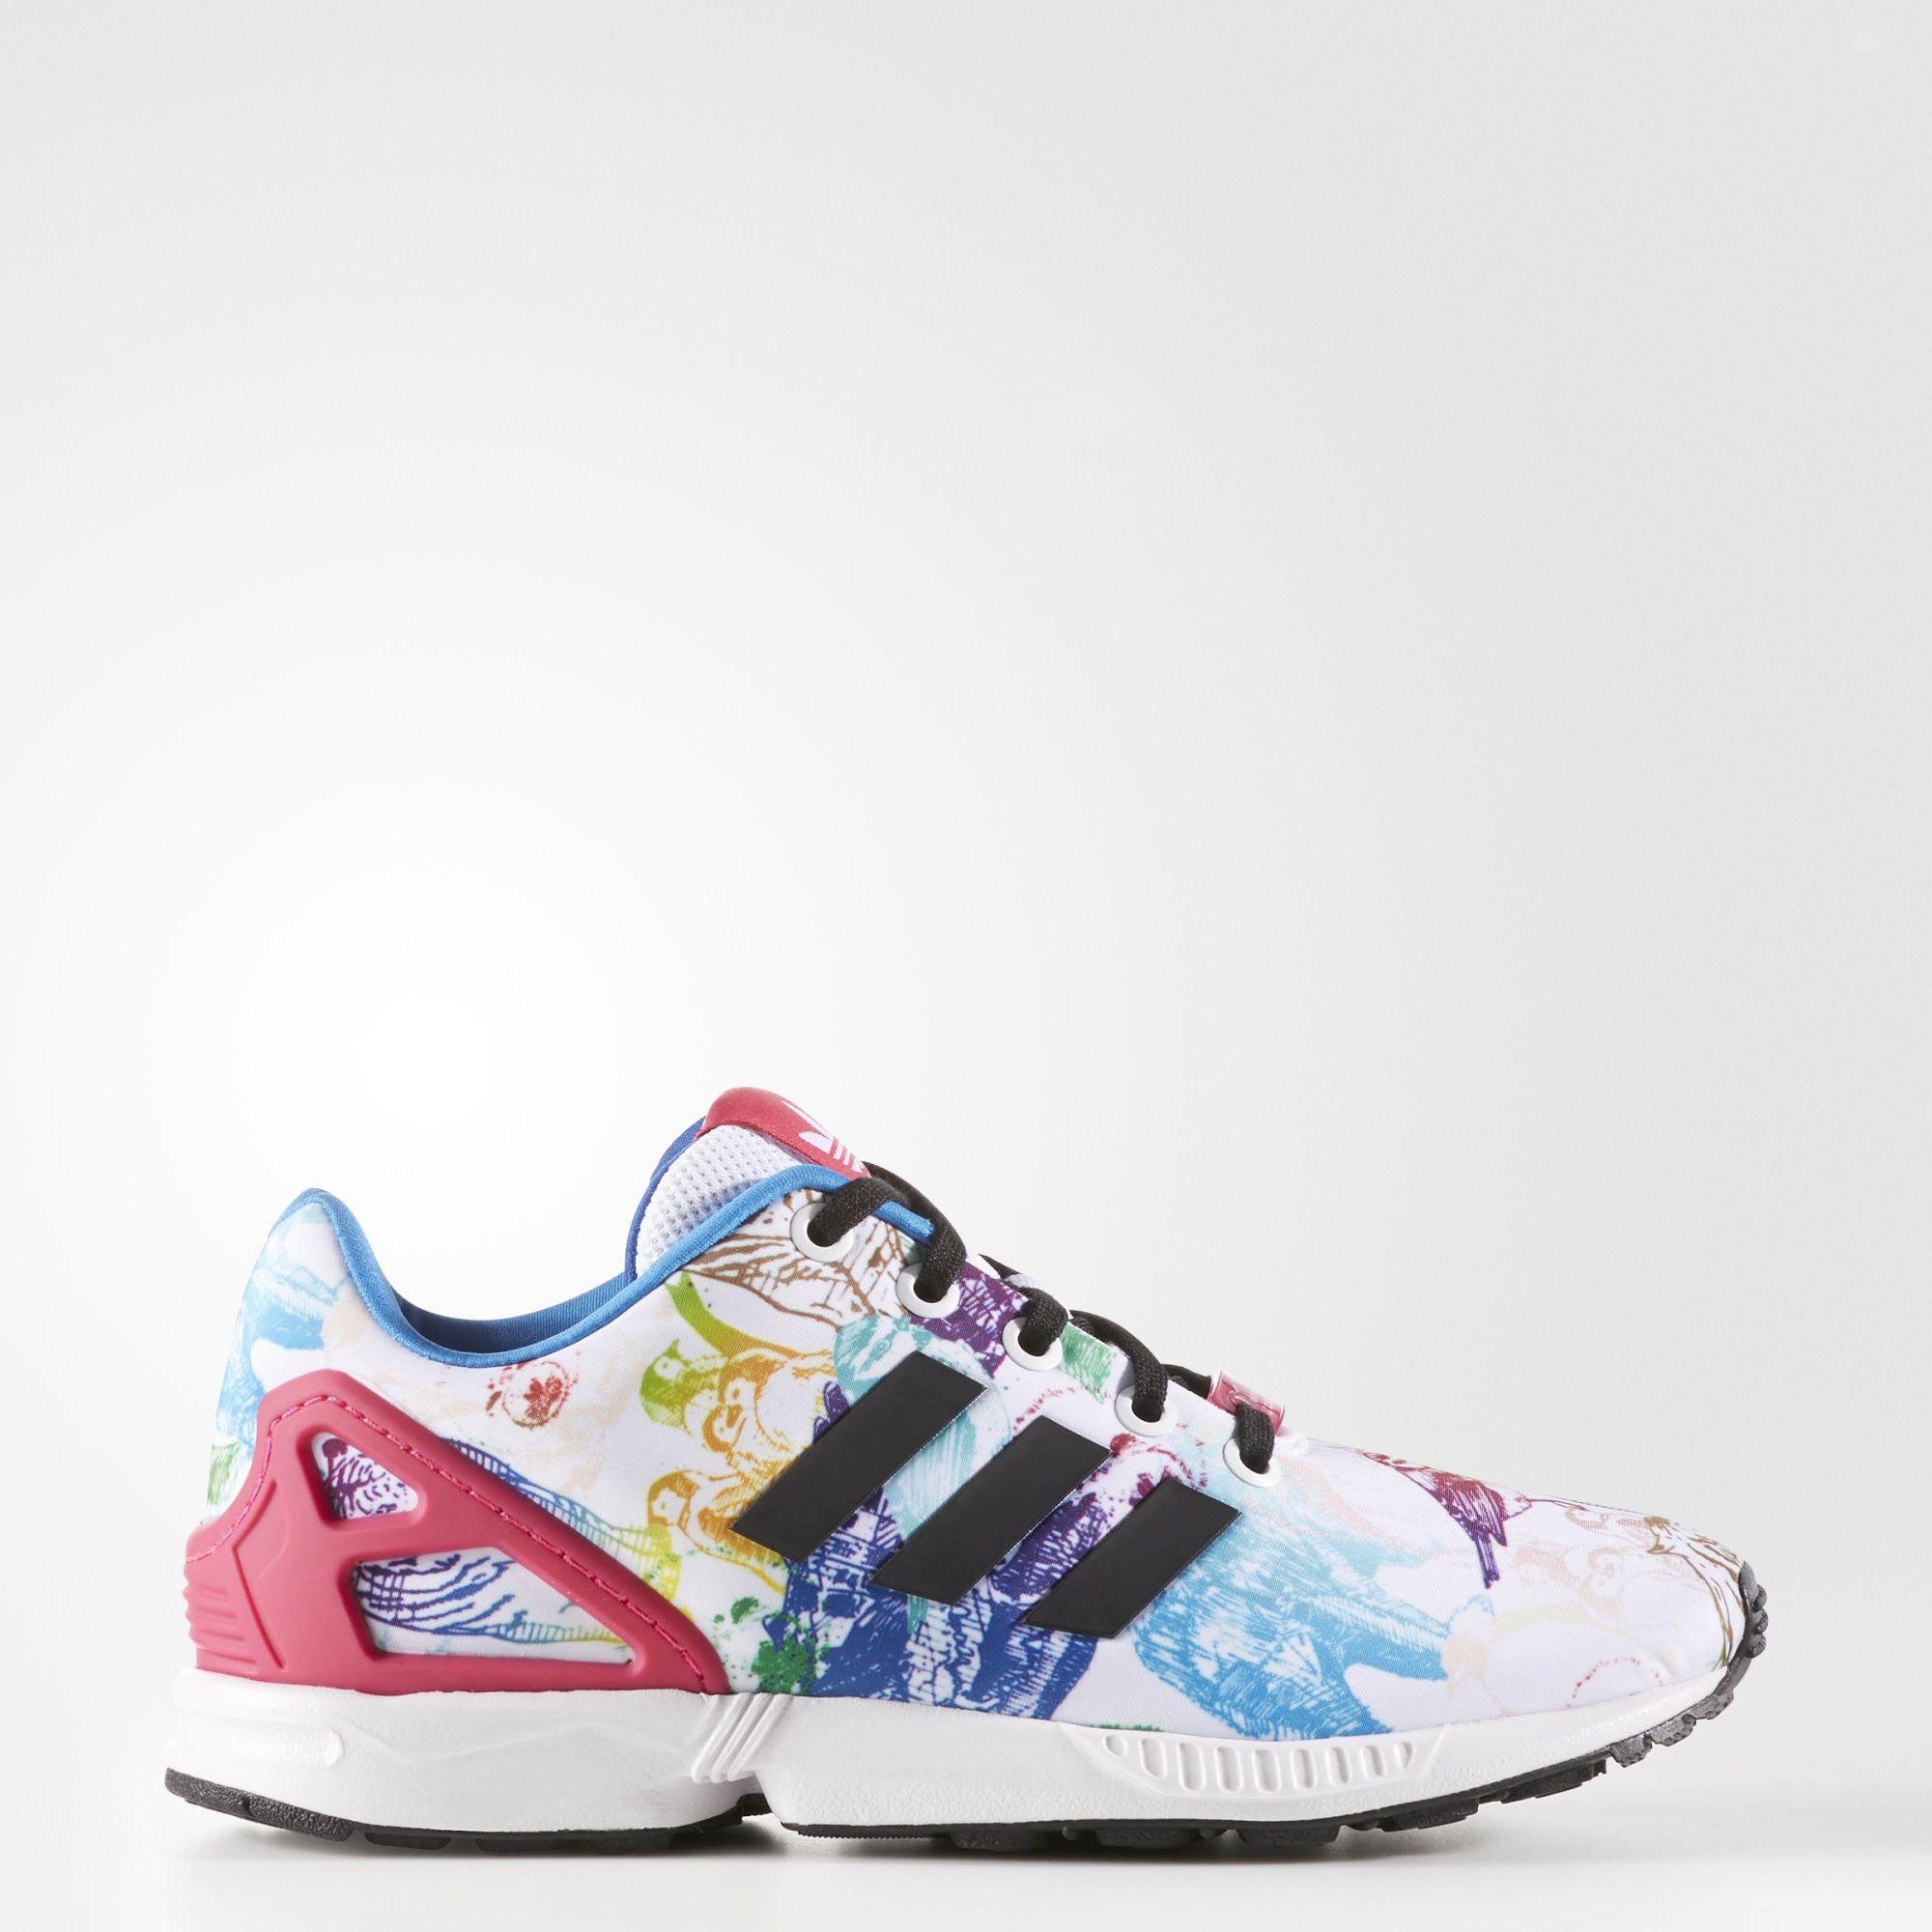 zapatillas adidas zx flux niño